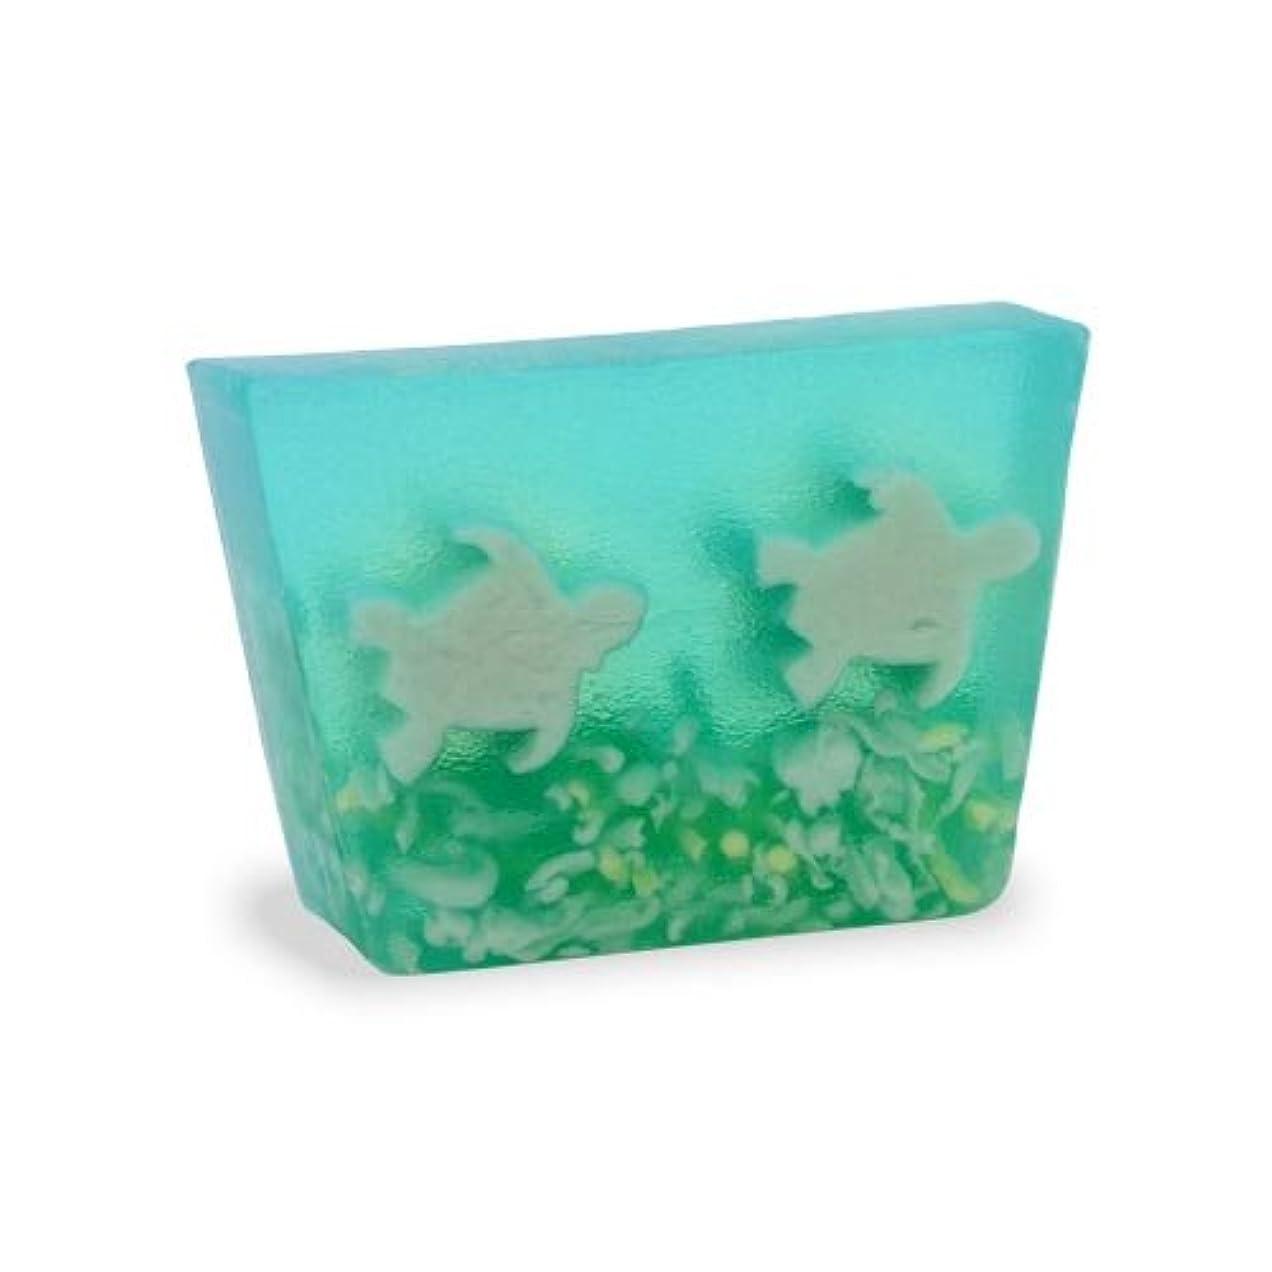 クールエアコン健康的プライモールエレメンツ アロマティック ミニソープ シータートルズ 80g 植物性 ナチュラル 石鹸 無添加